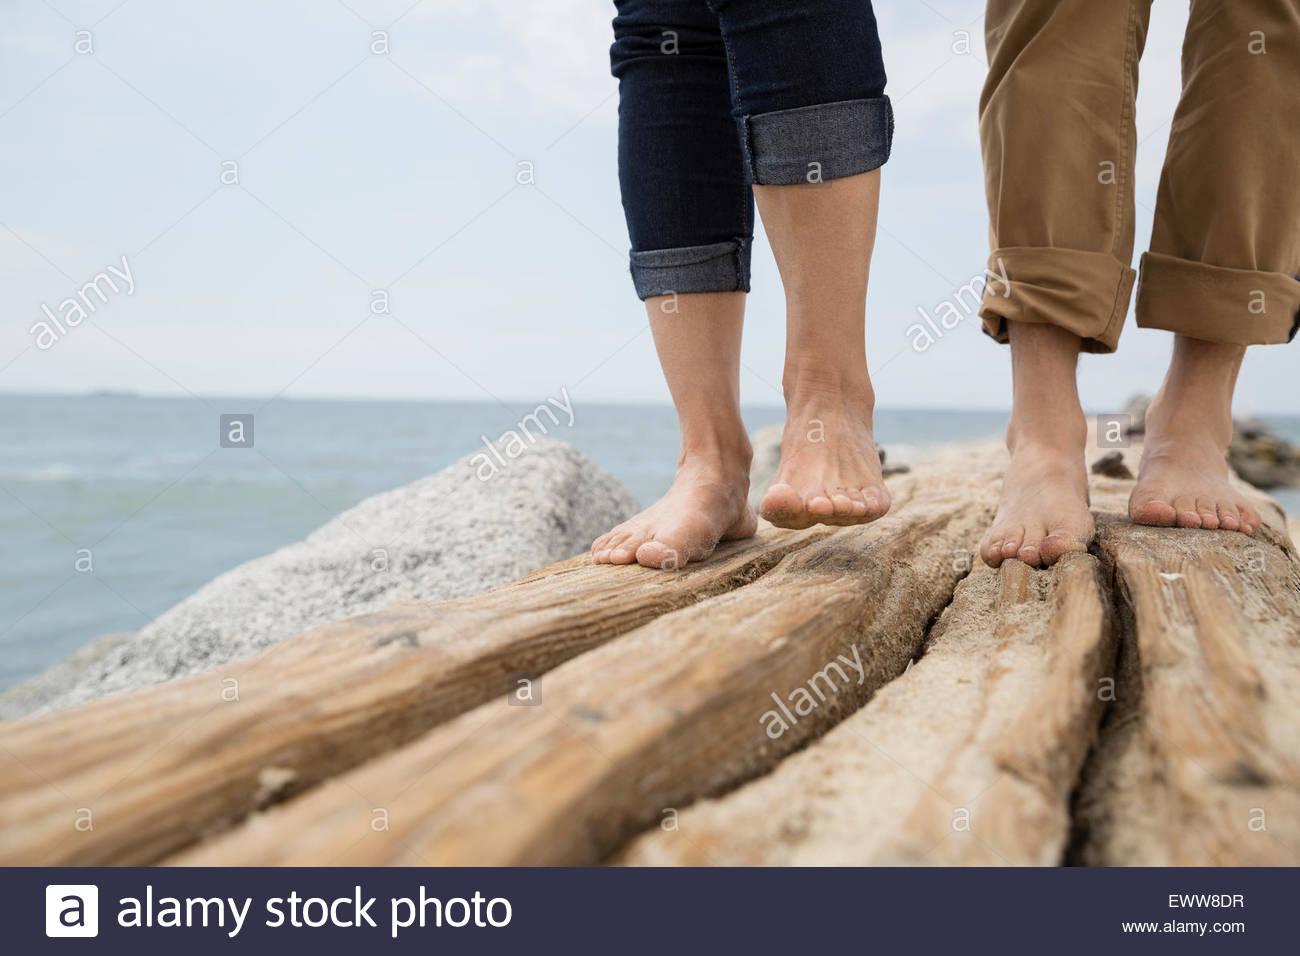 Chiudere fino a piedi nudi del giovane sul pontile oceano Immagini Stock